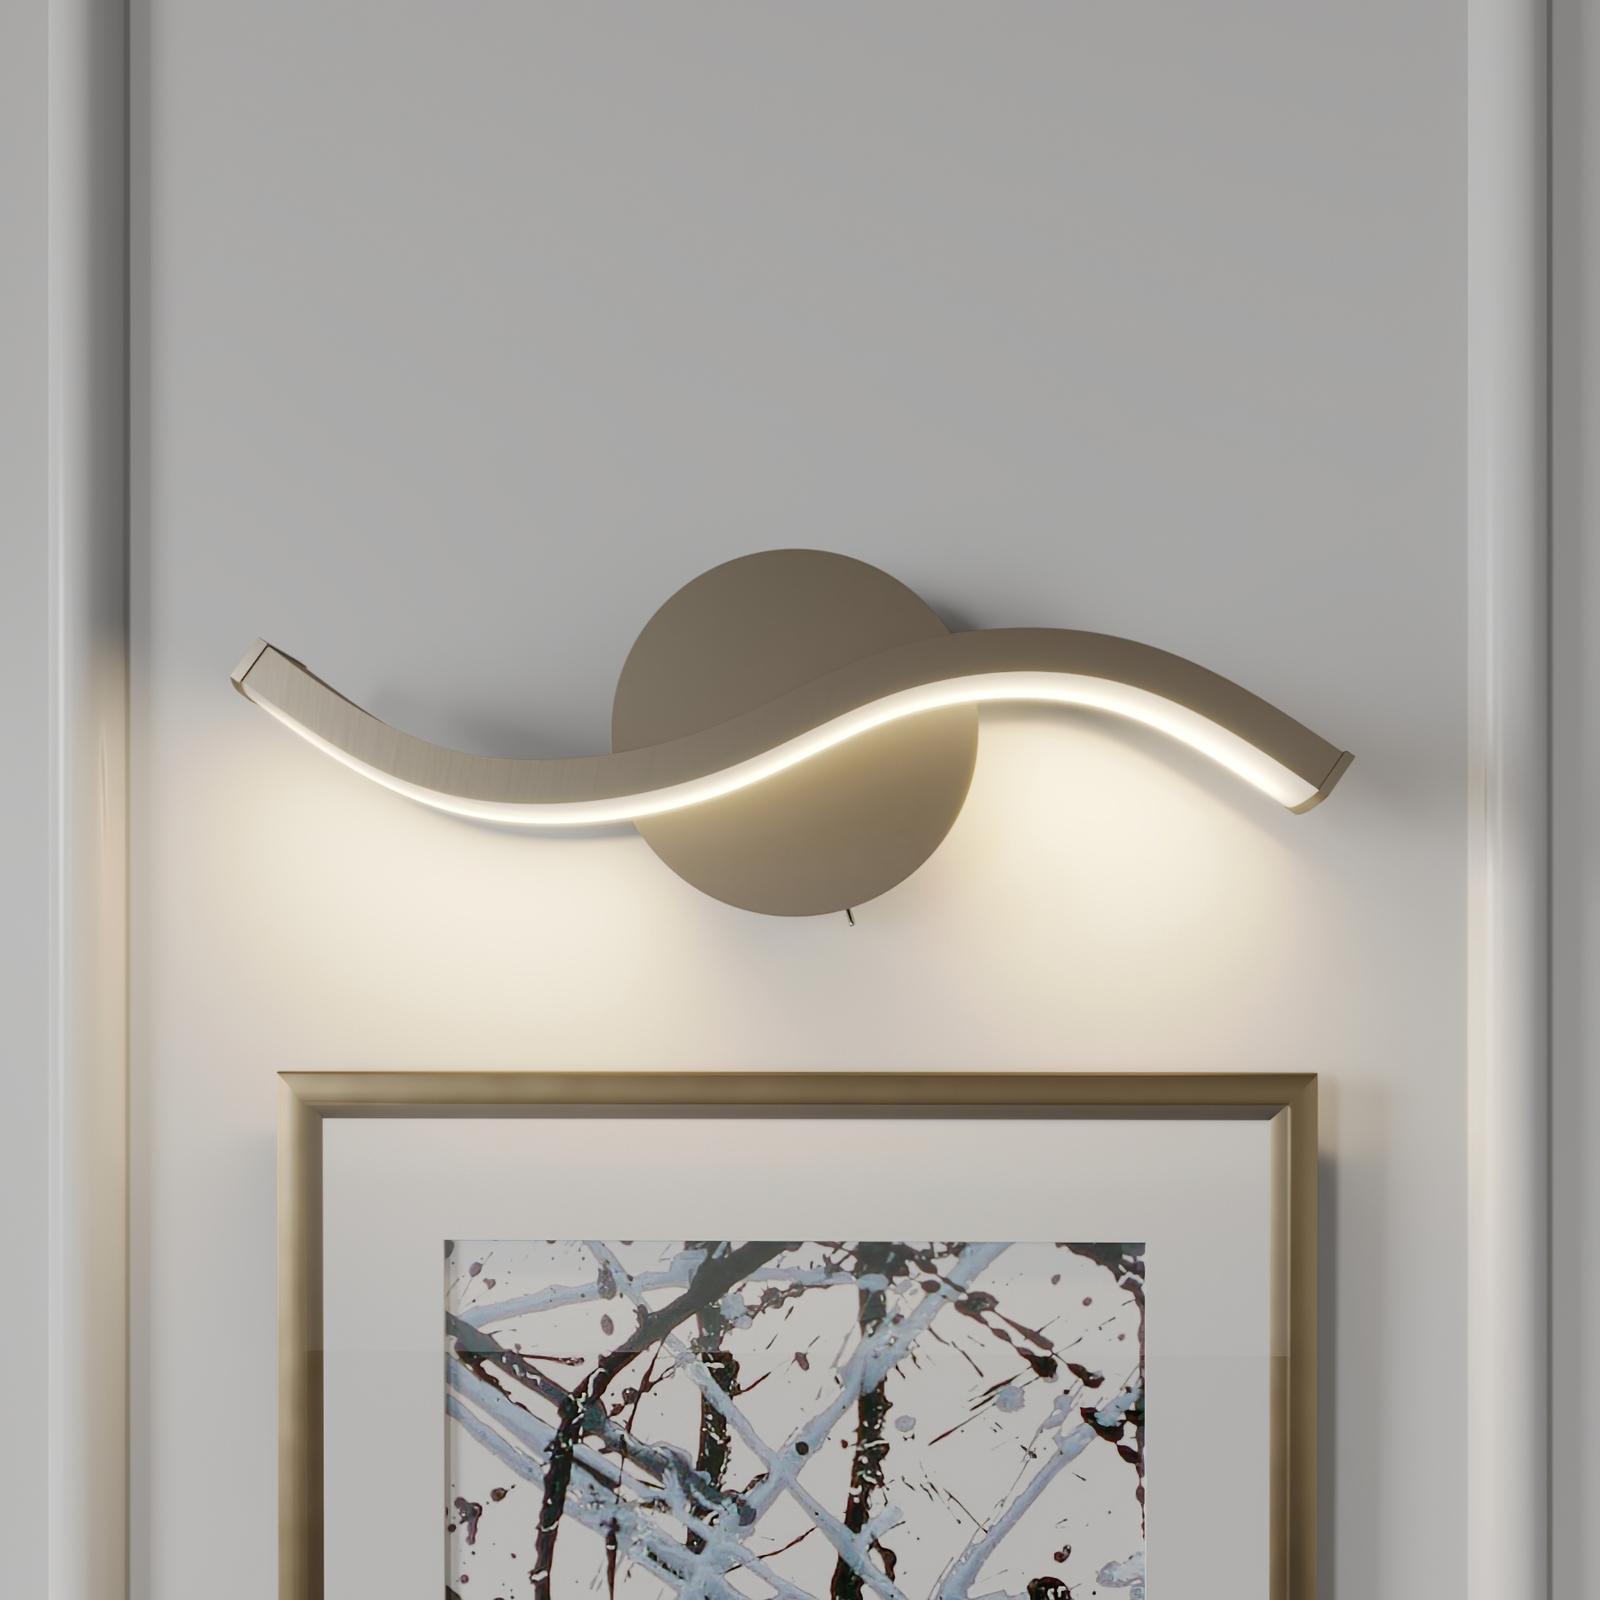 Lucande Mairia LED wandlamp, golfvorm, dimbaar